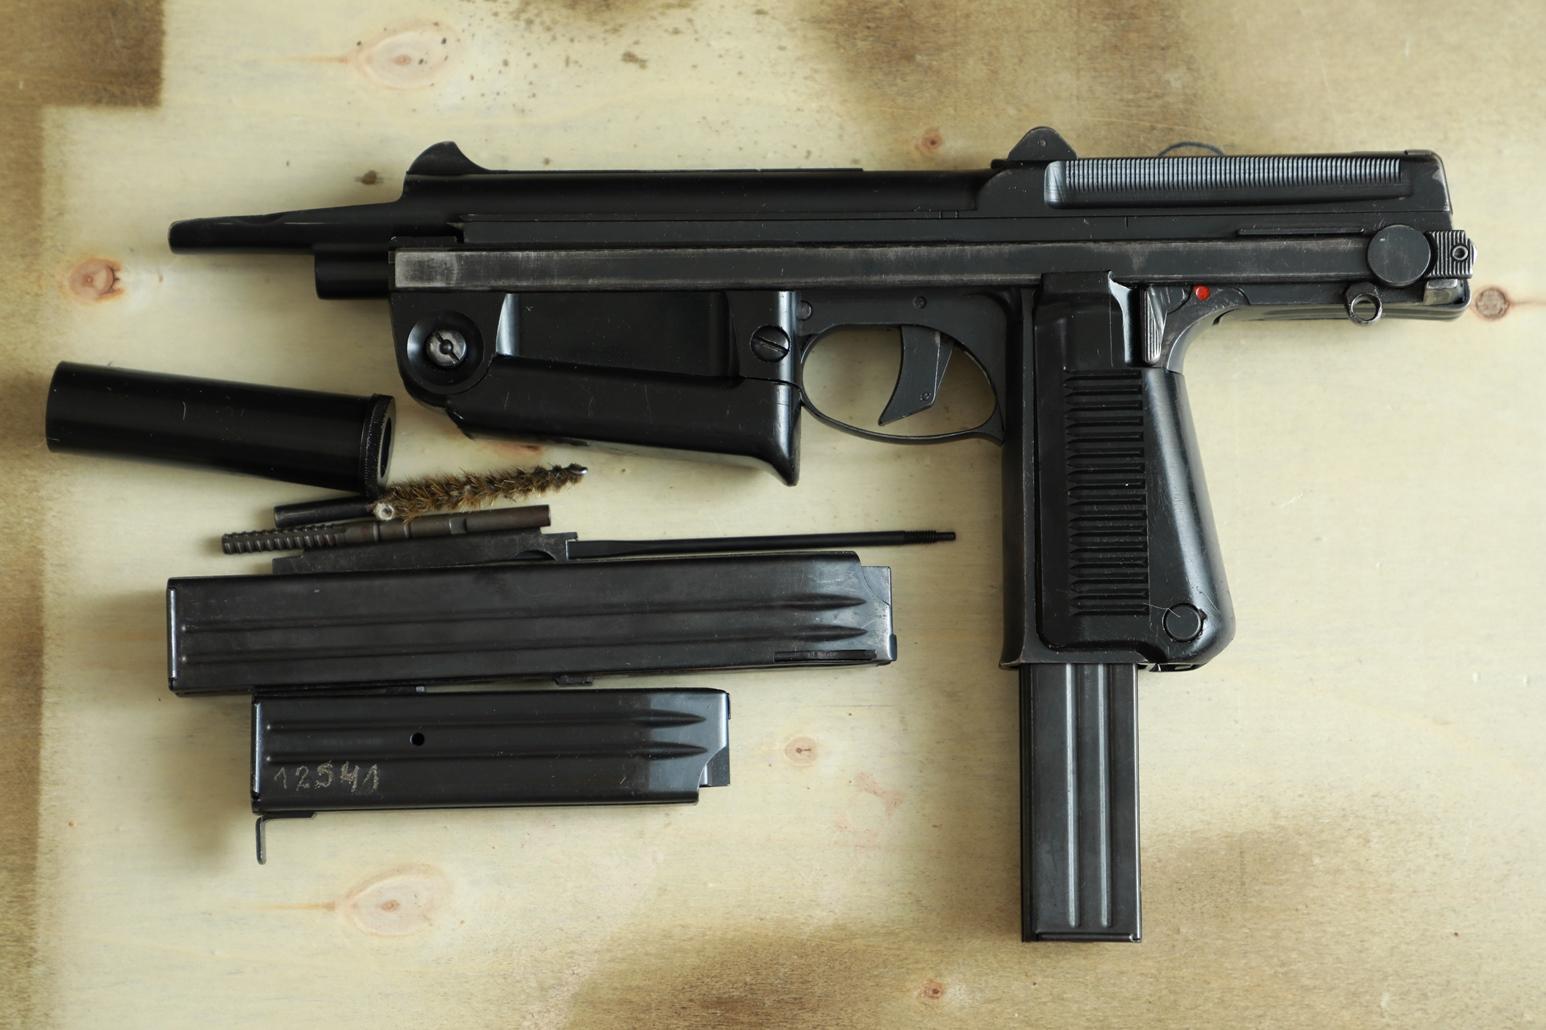 Охолощенный пистолет-пулемет RAK-63 #MO 01738 1970 год, 2 категория